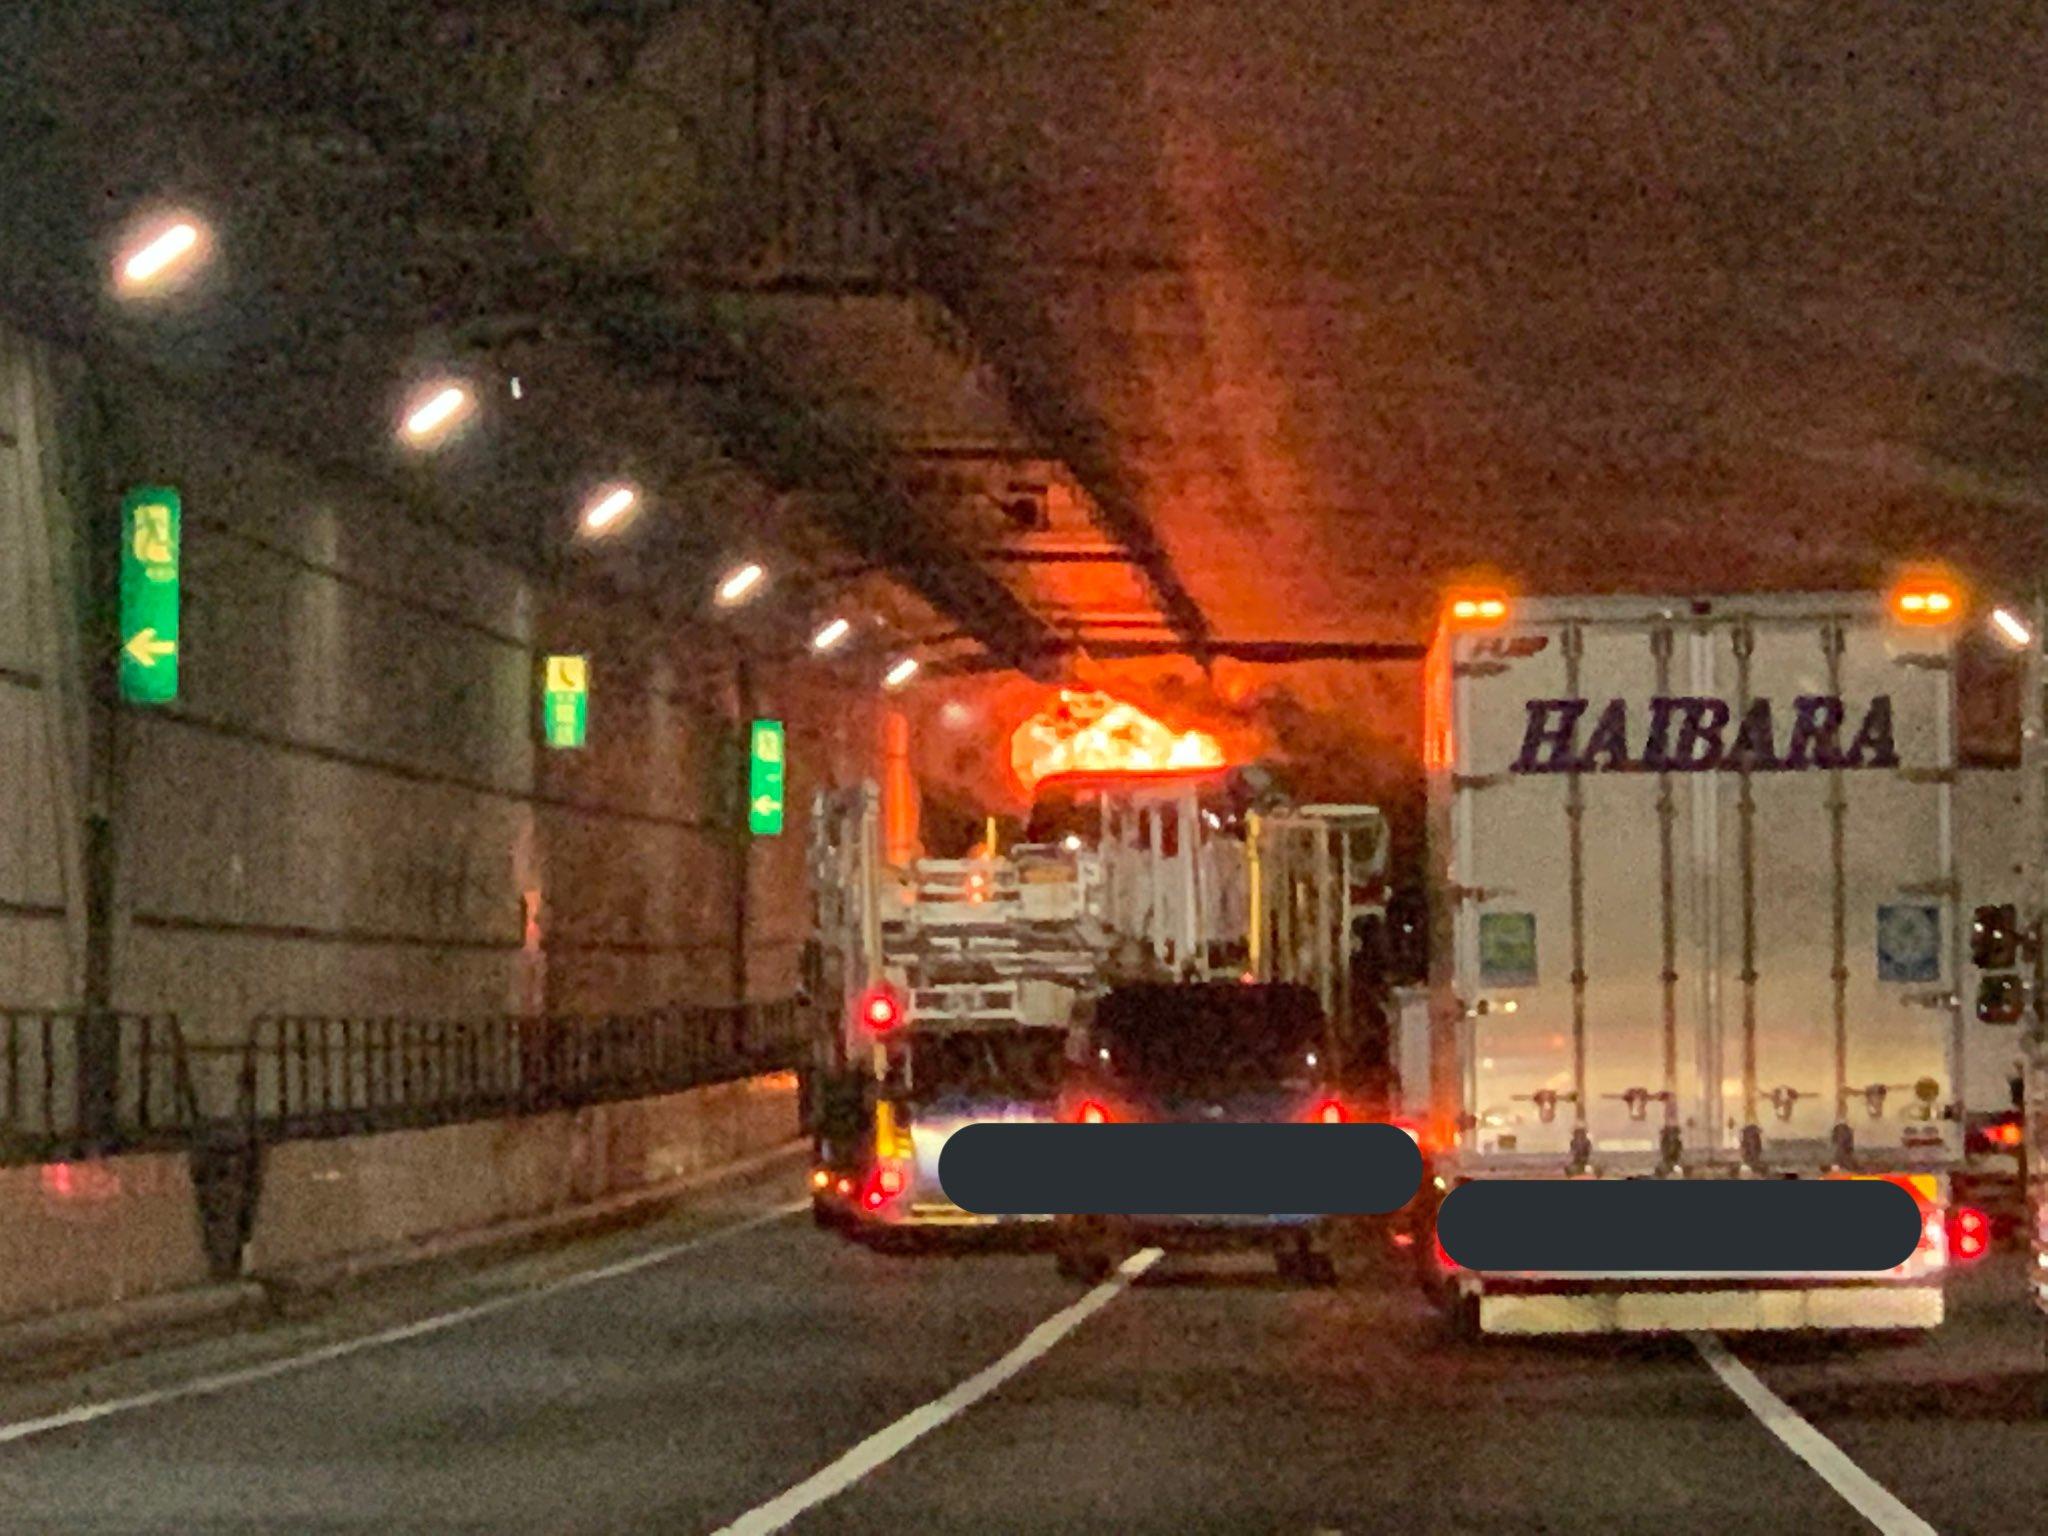 首都高速湾岸線のトンネル火災で事故が起きた当時の画像